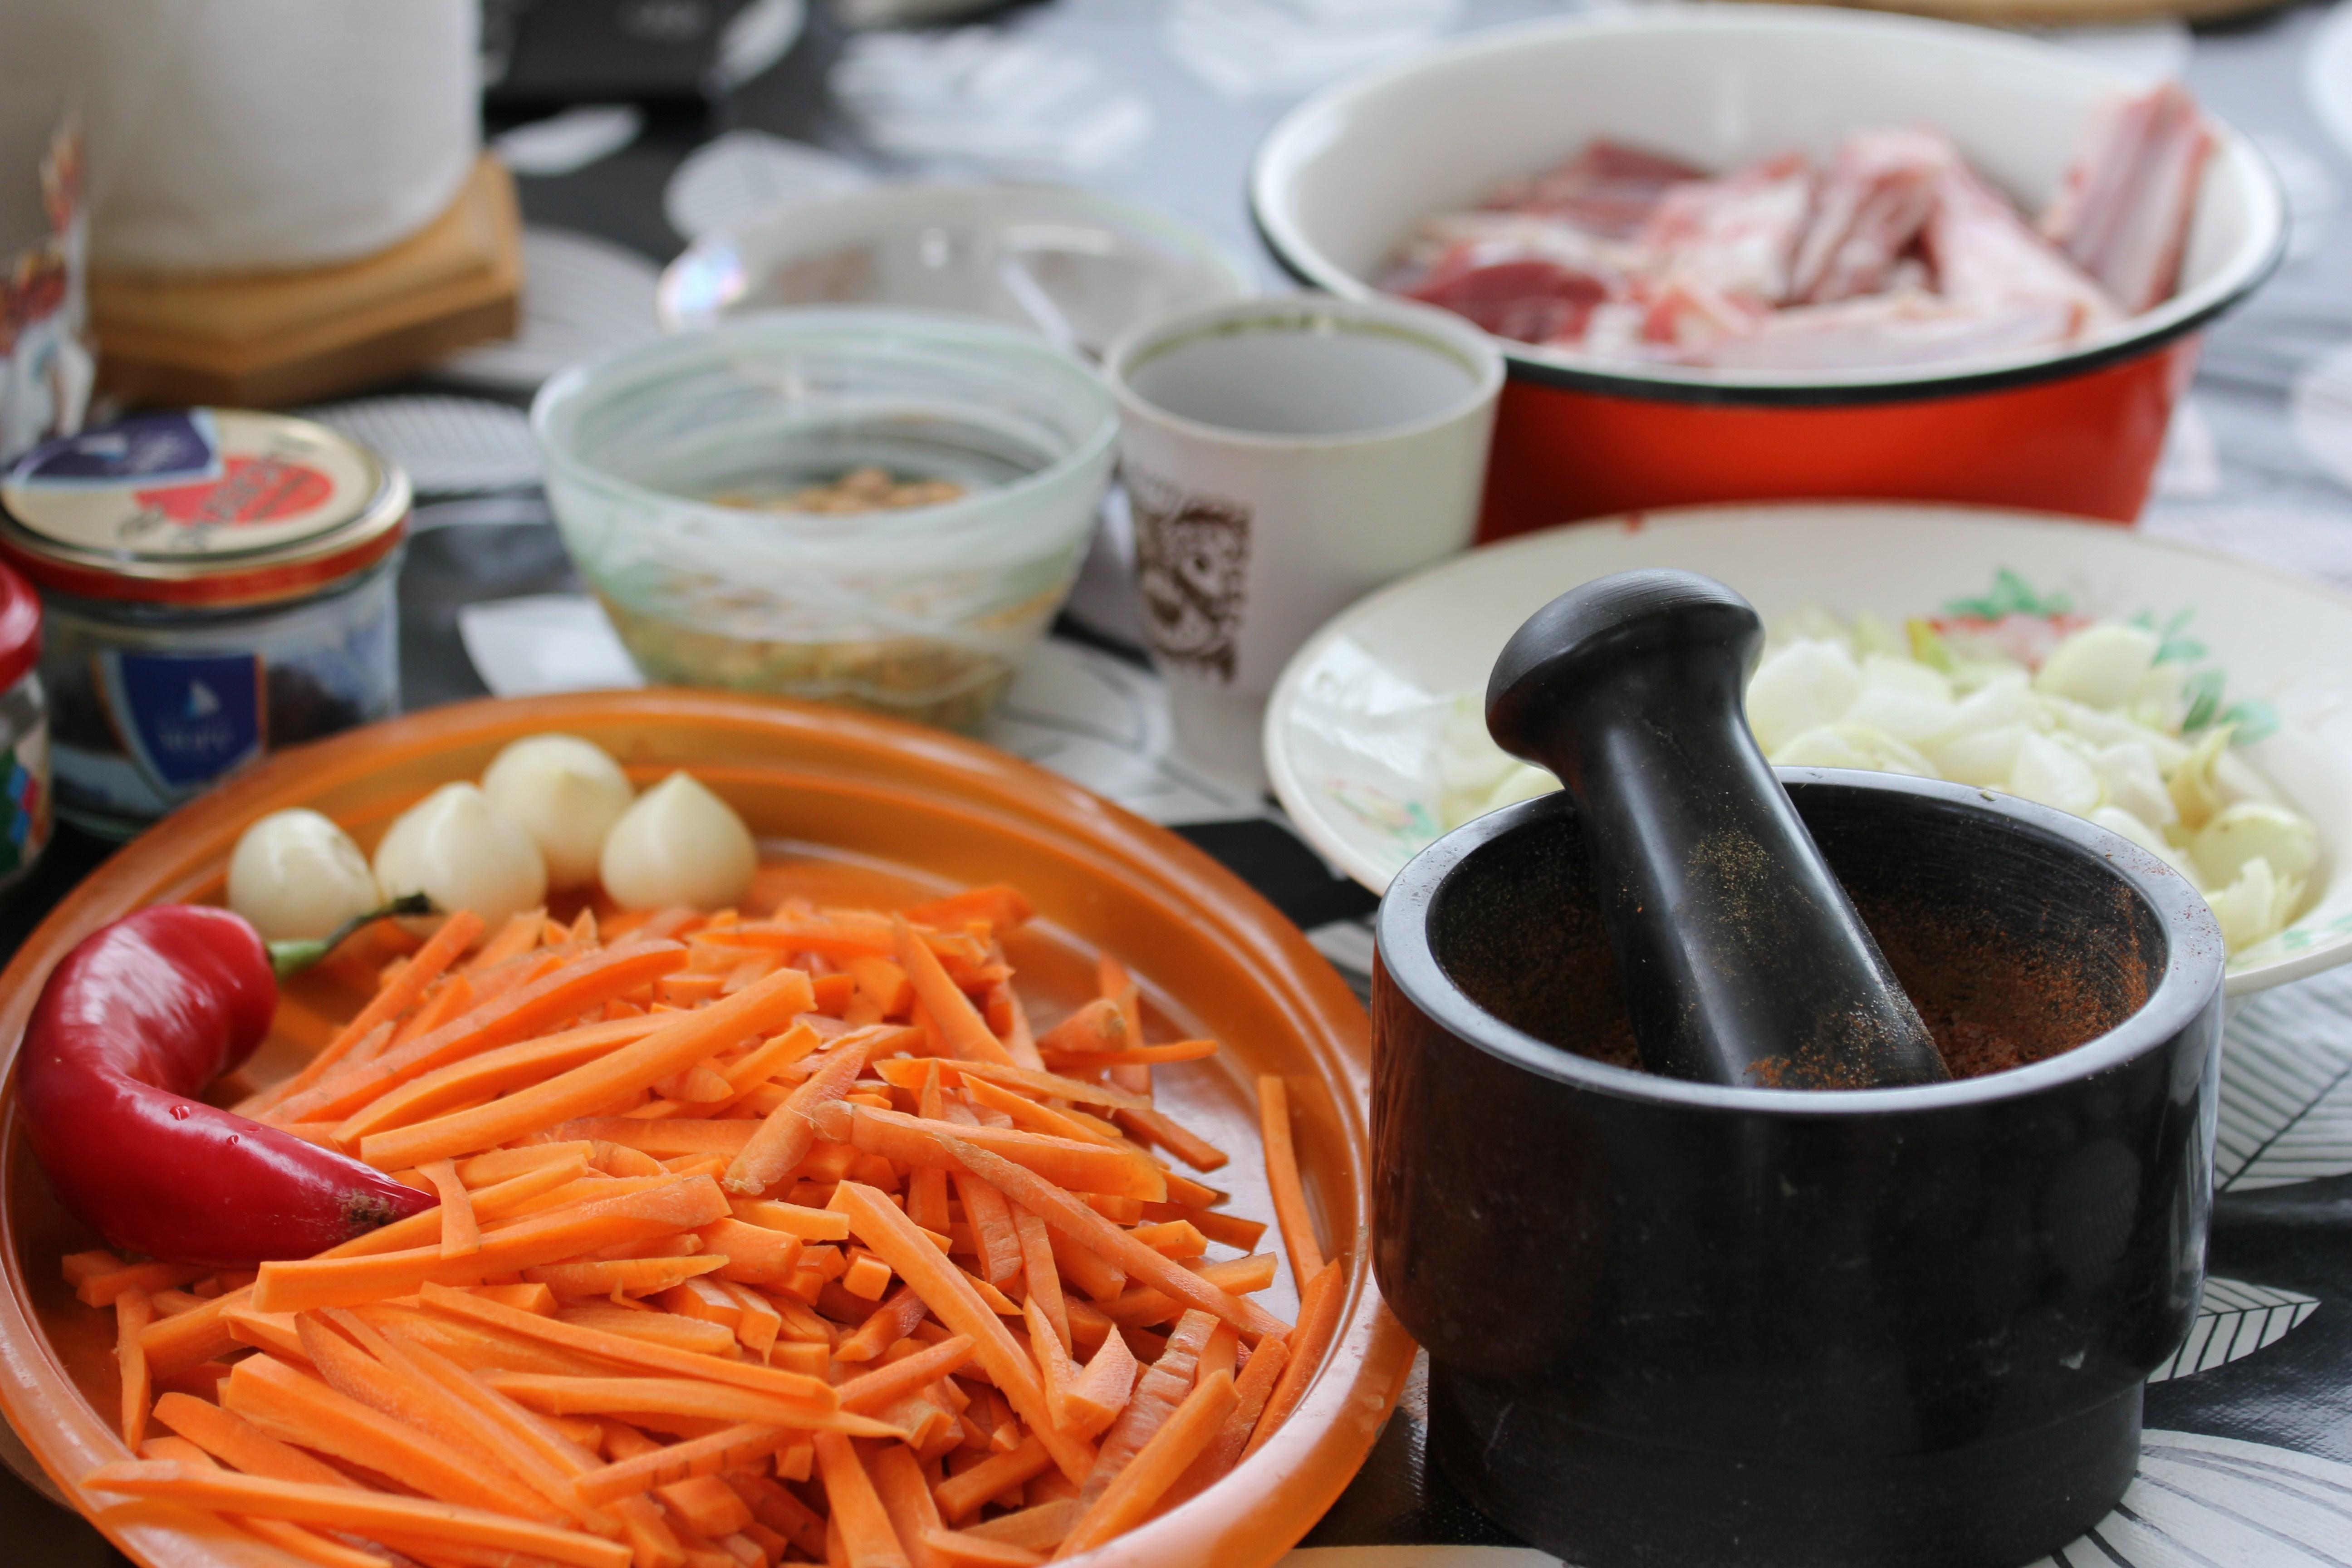 Рецепт плов со свининой для мультиварки филипс